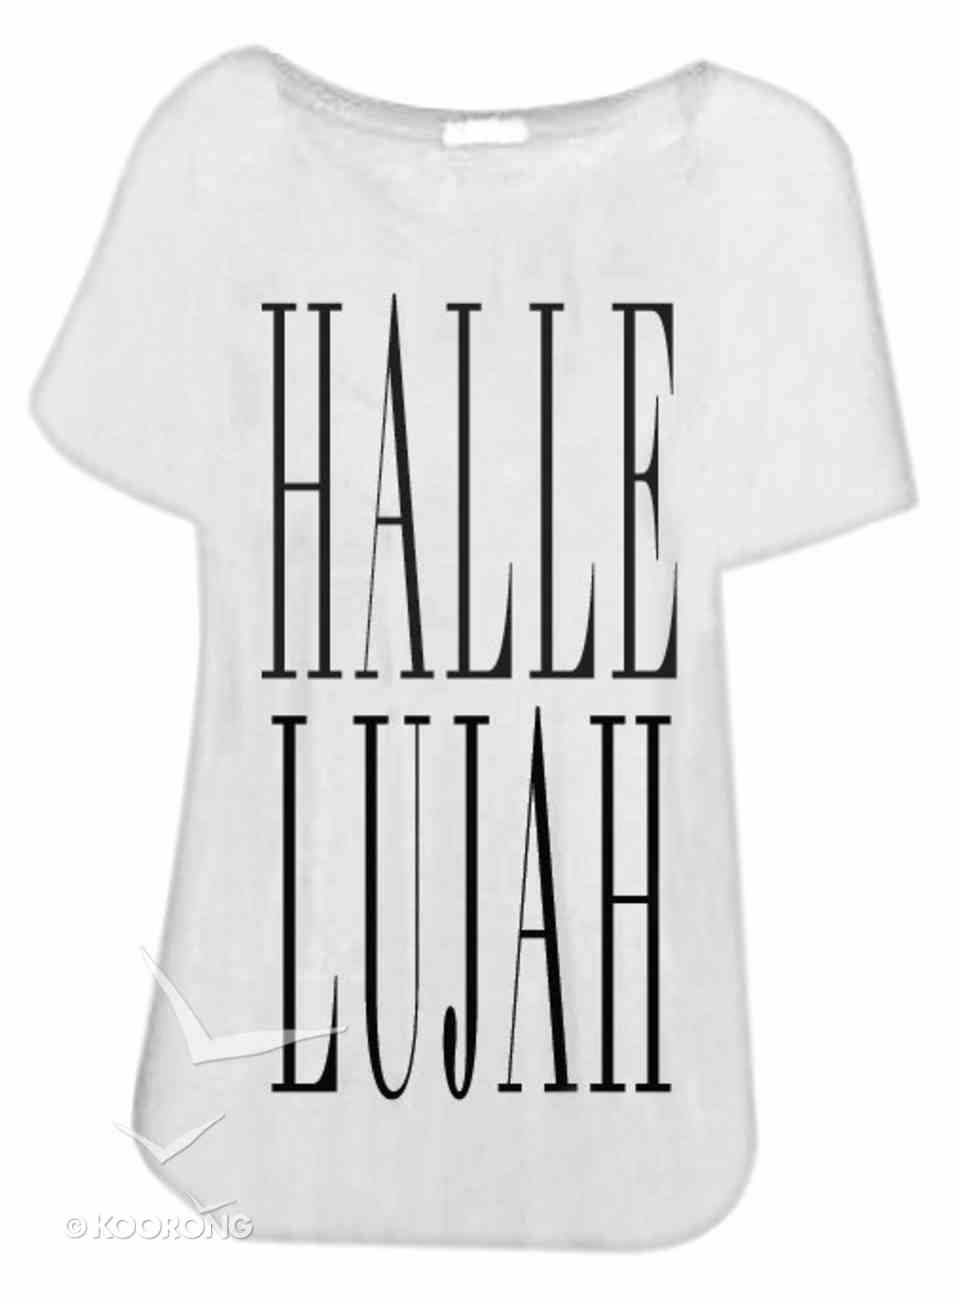 T-Shirt: Hallelujah Medium White/Black Writing Soft Goods